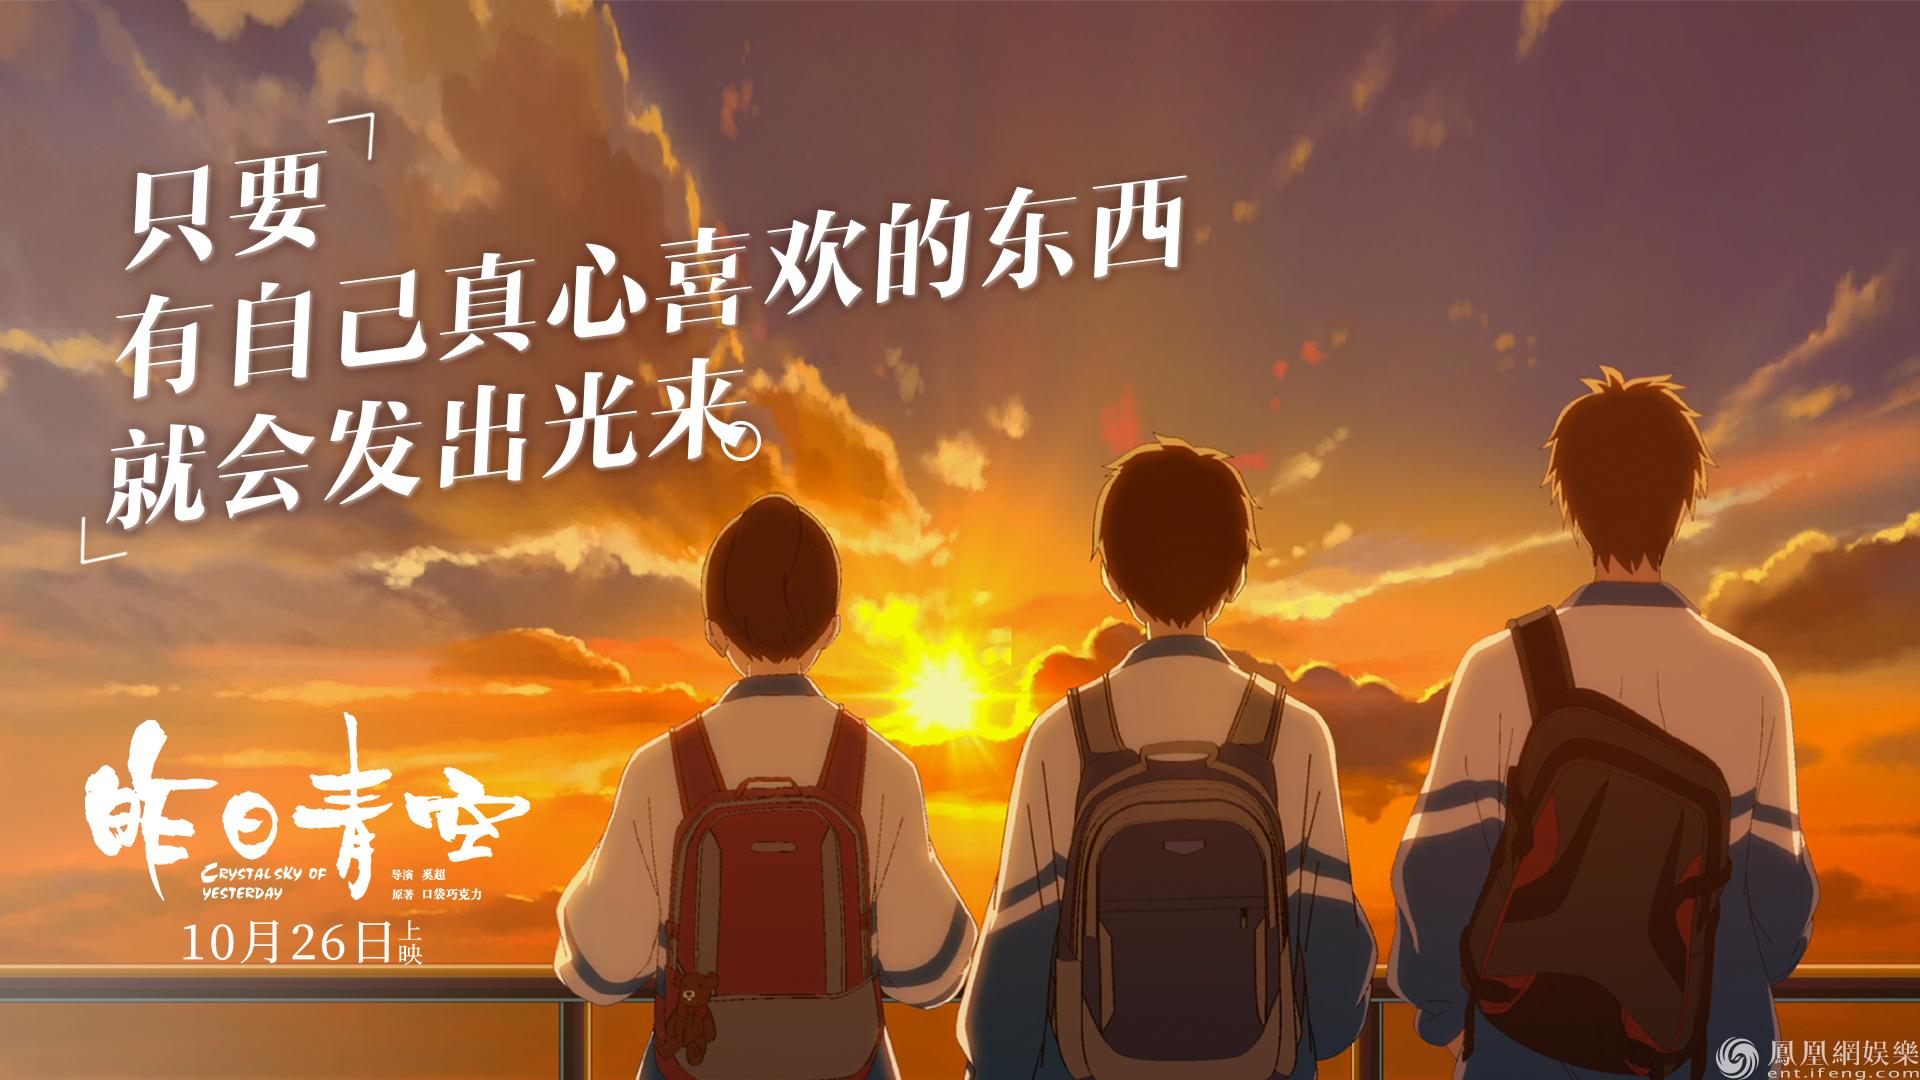 《昨日青空》定档后首发预告 最初的梦想与你有关